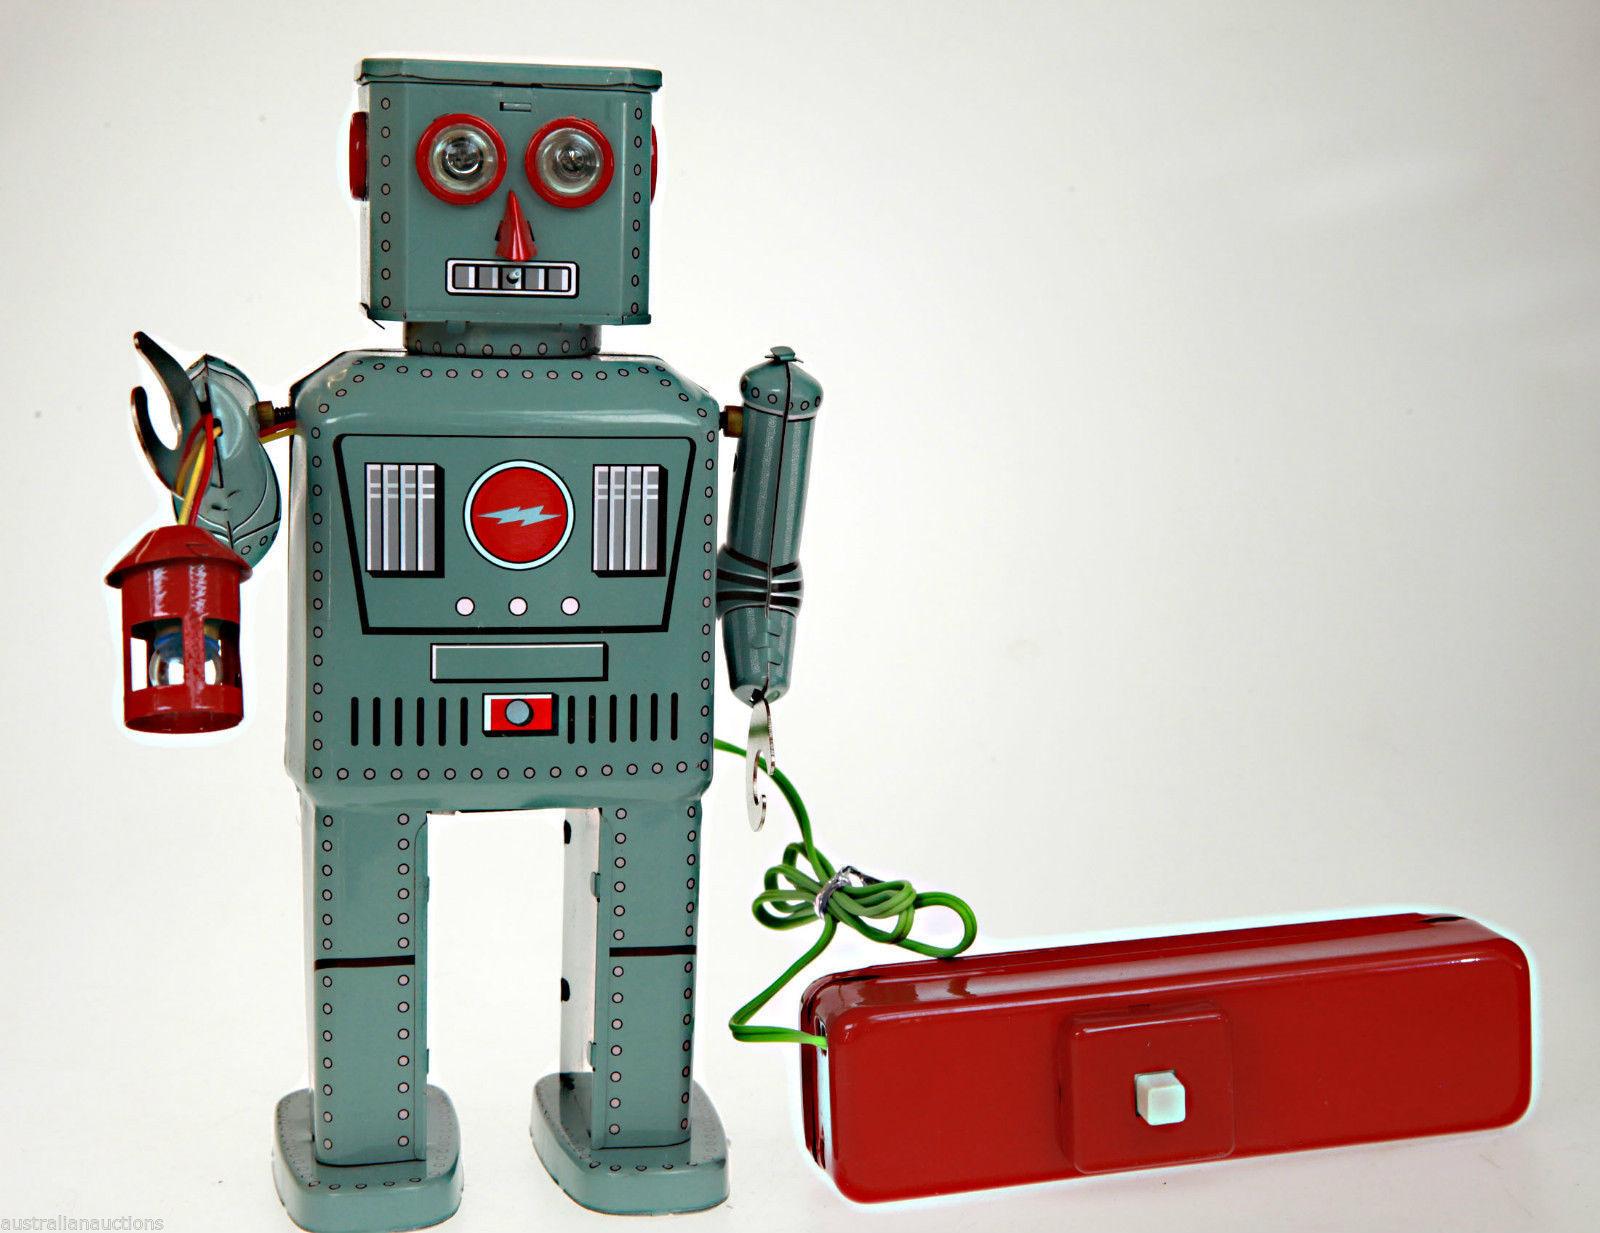 TR2050 LATERNE ROBOT BLECHSPIELZEUG FERNBEDIENUNG BATTERIEBETRIEBEN RAUCHT Vinta